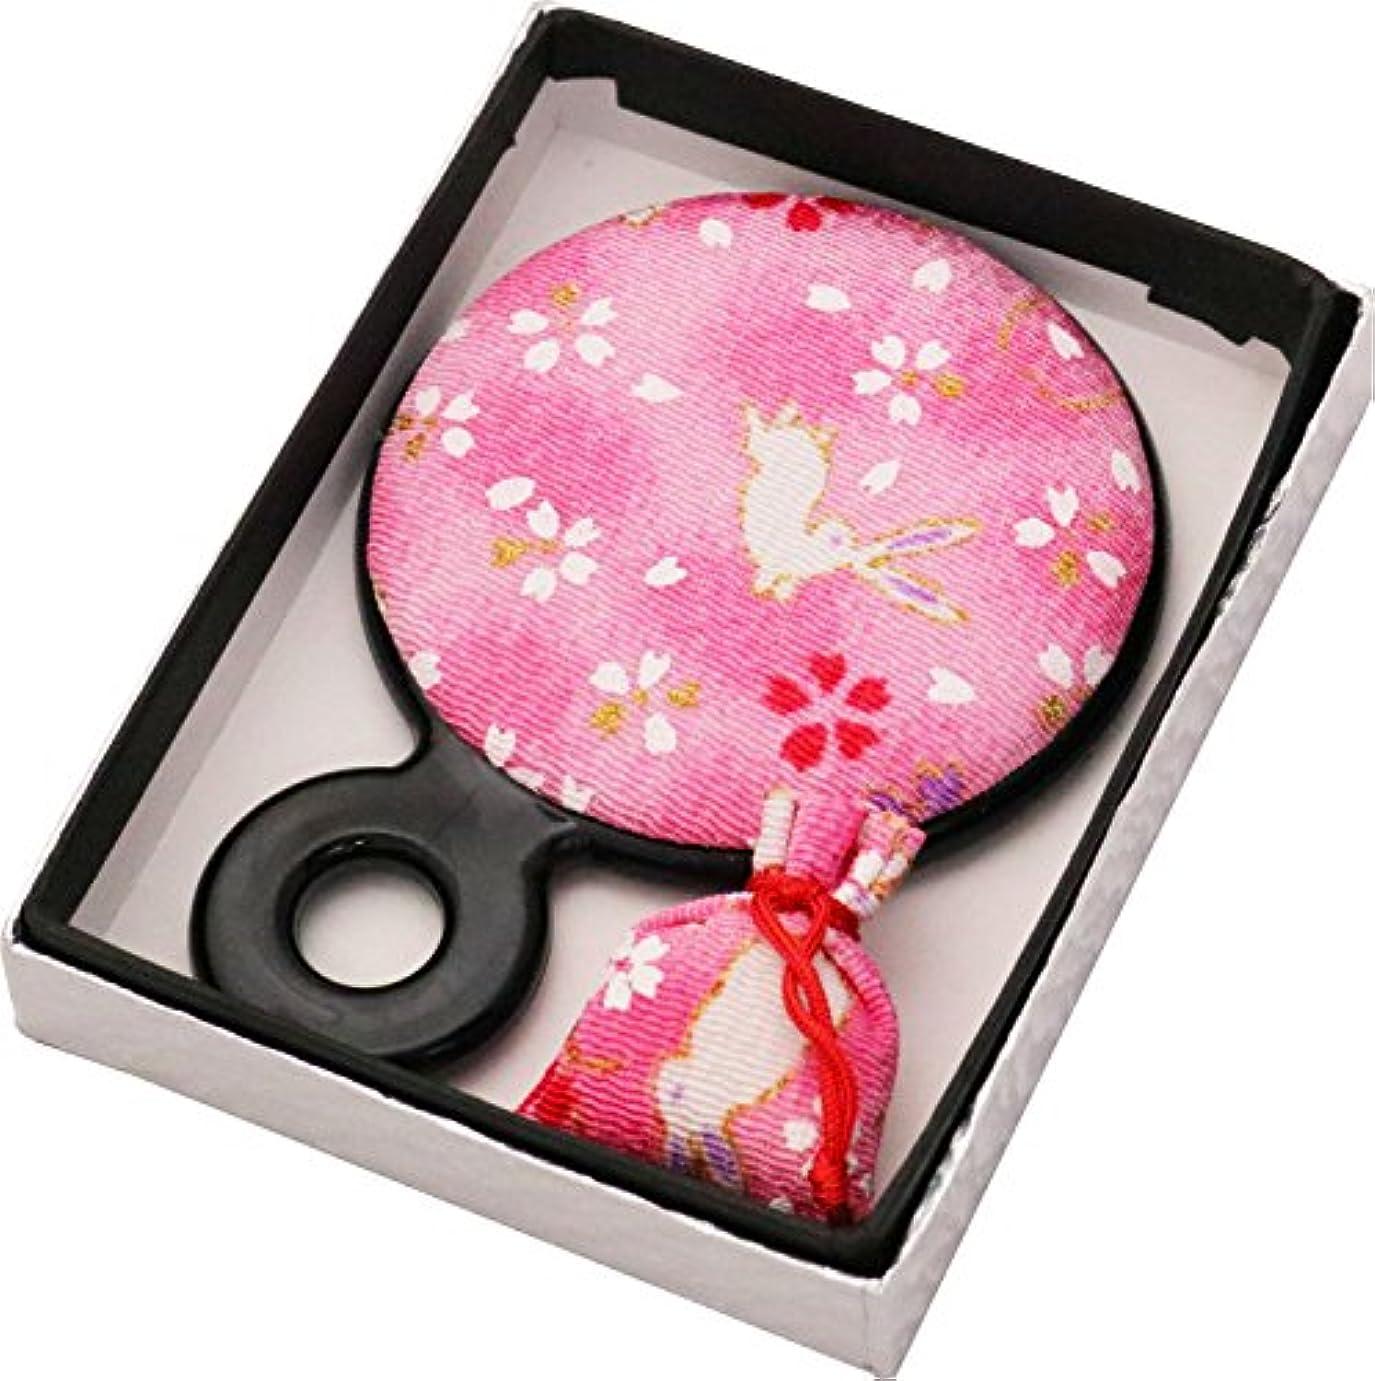 虐待レッドデート彫刻家ユーアイ 手鏡&匂い袋セット ちりめん友禅 うさぎ ピンク